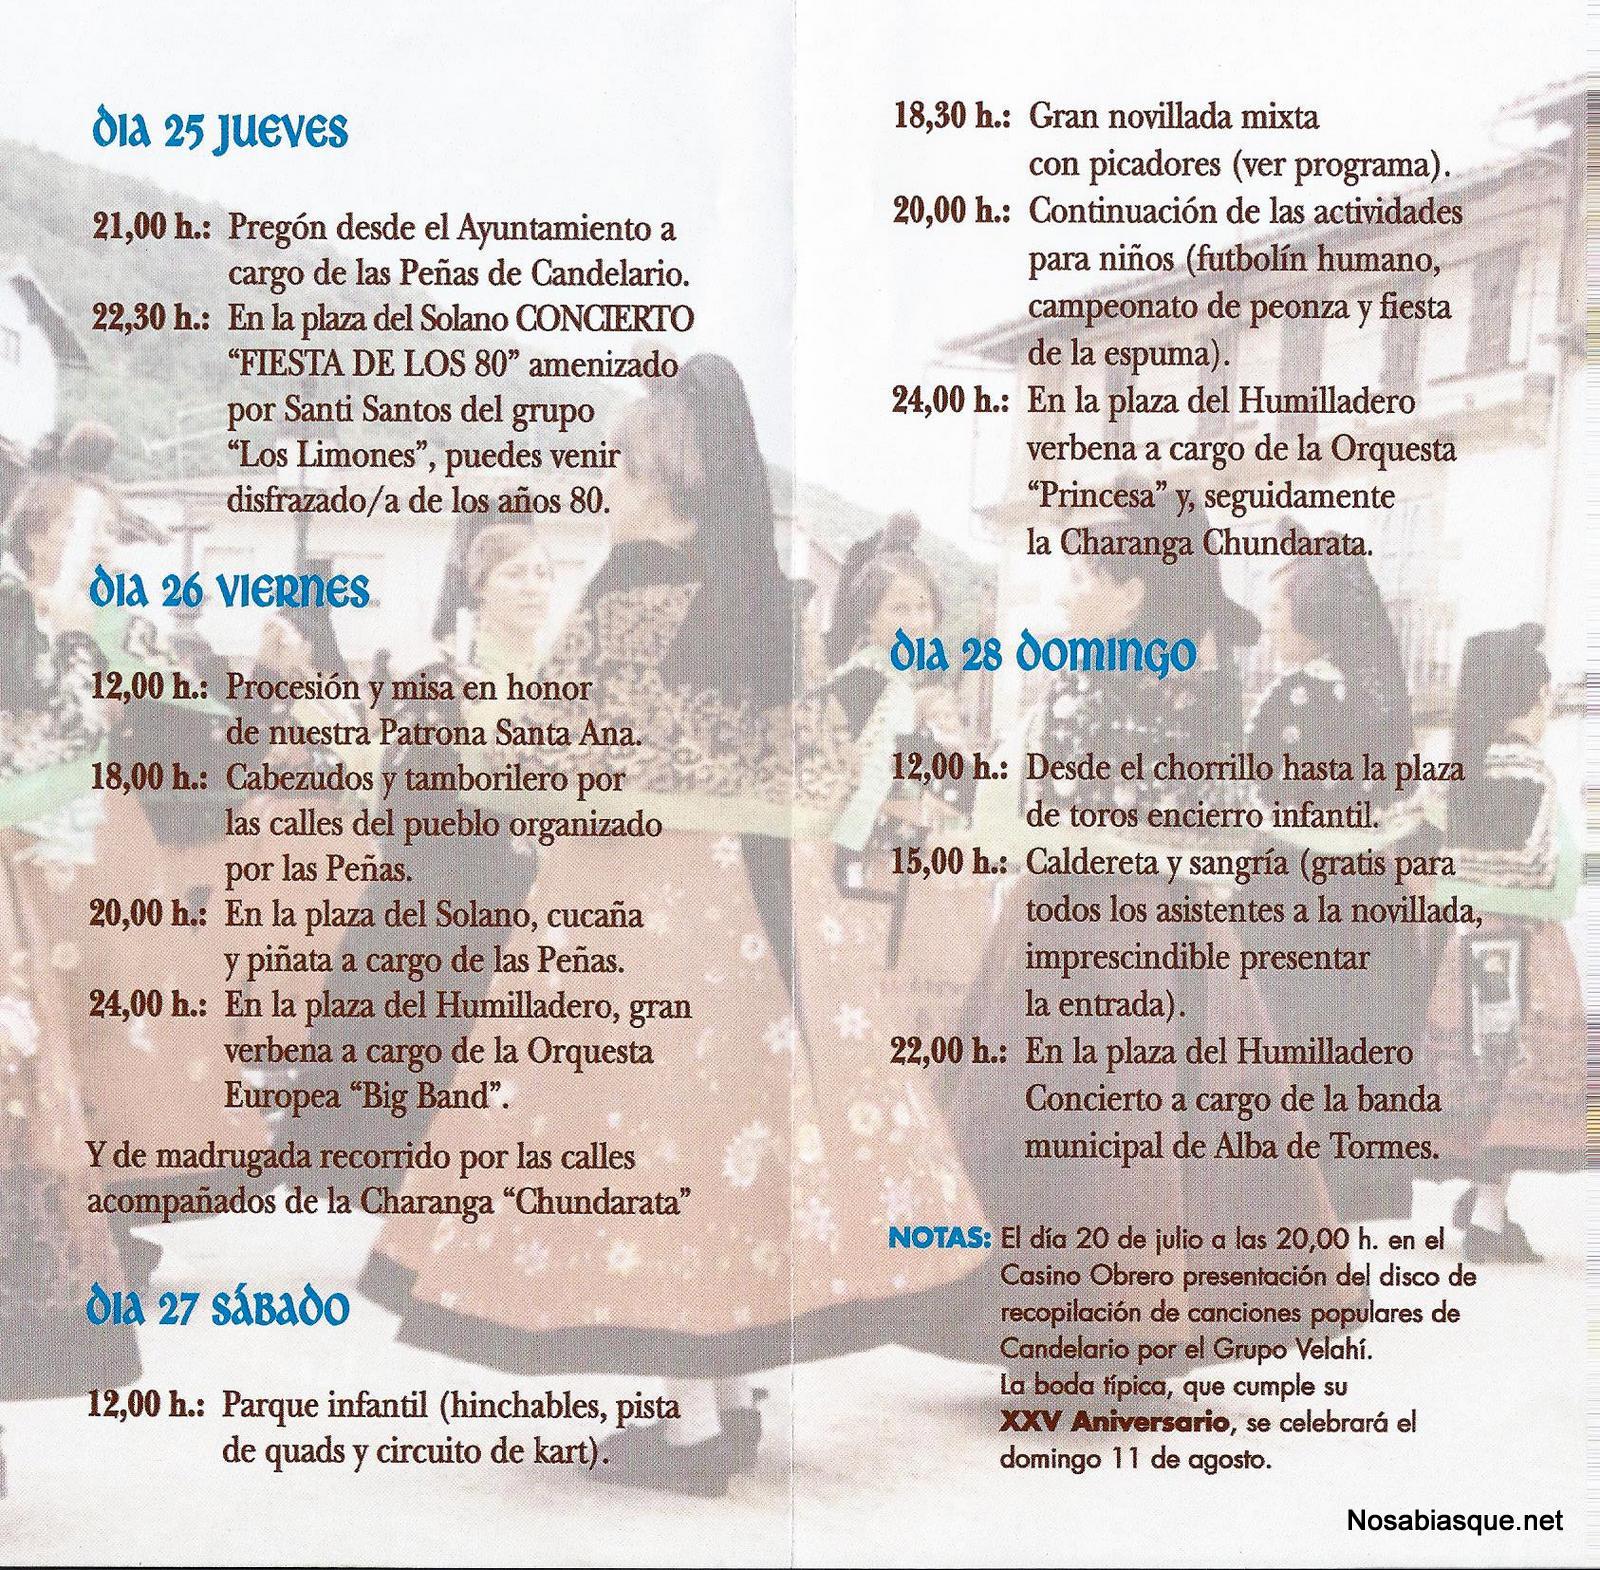 Programa de fiestas 2013 de Candelario Salamanca